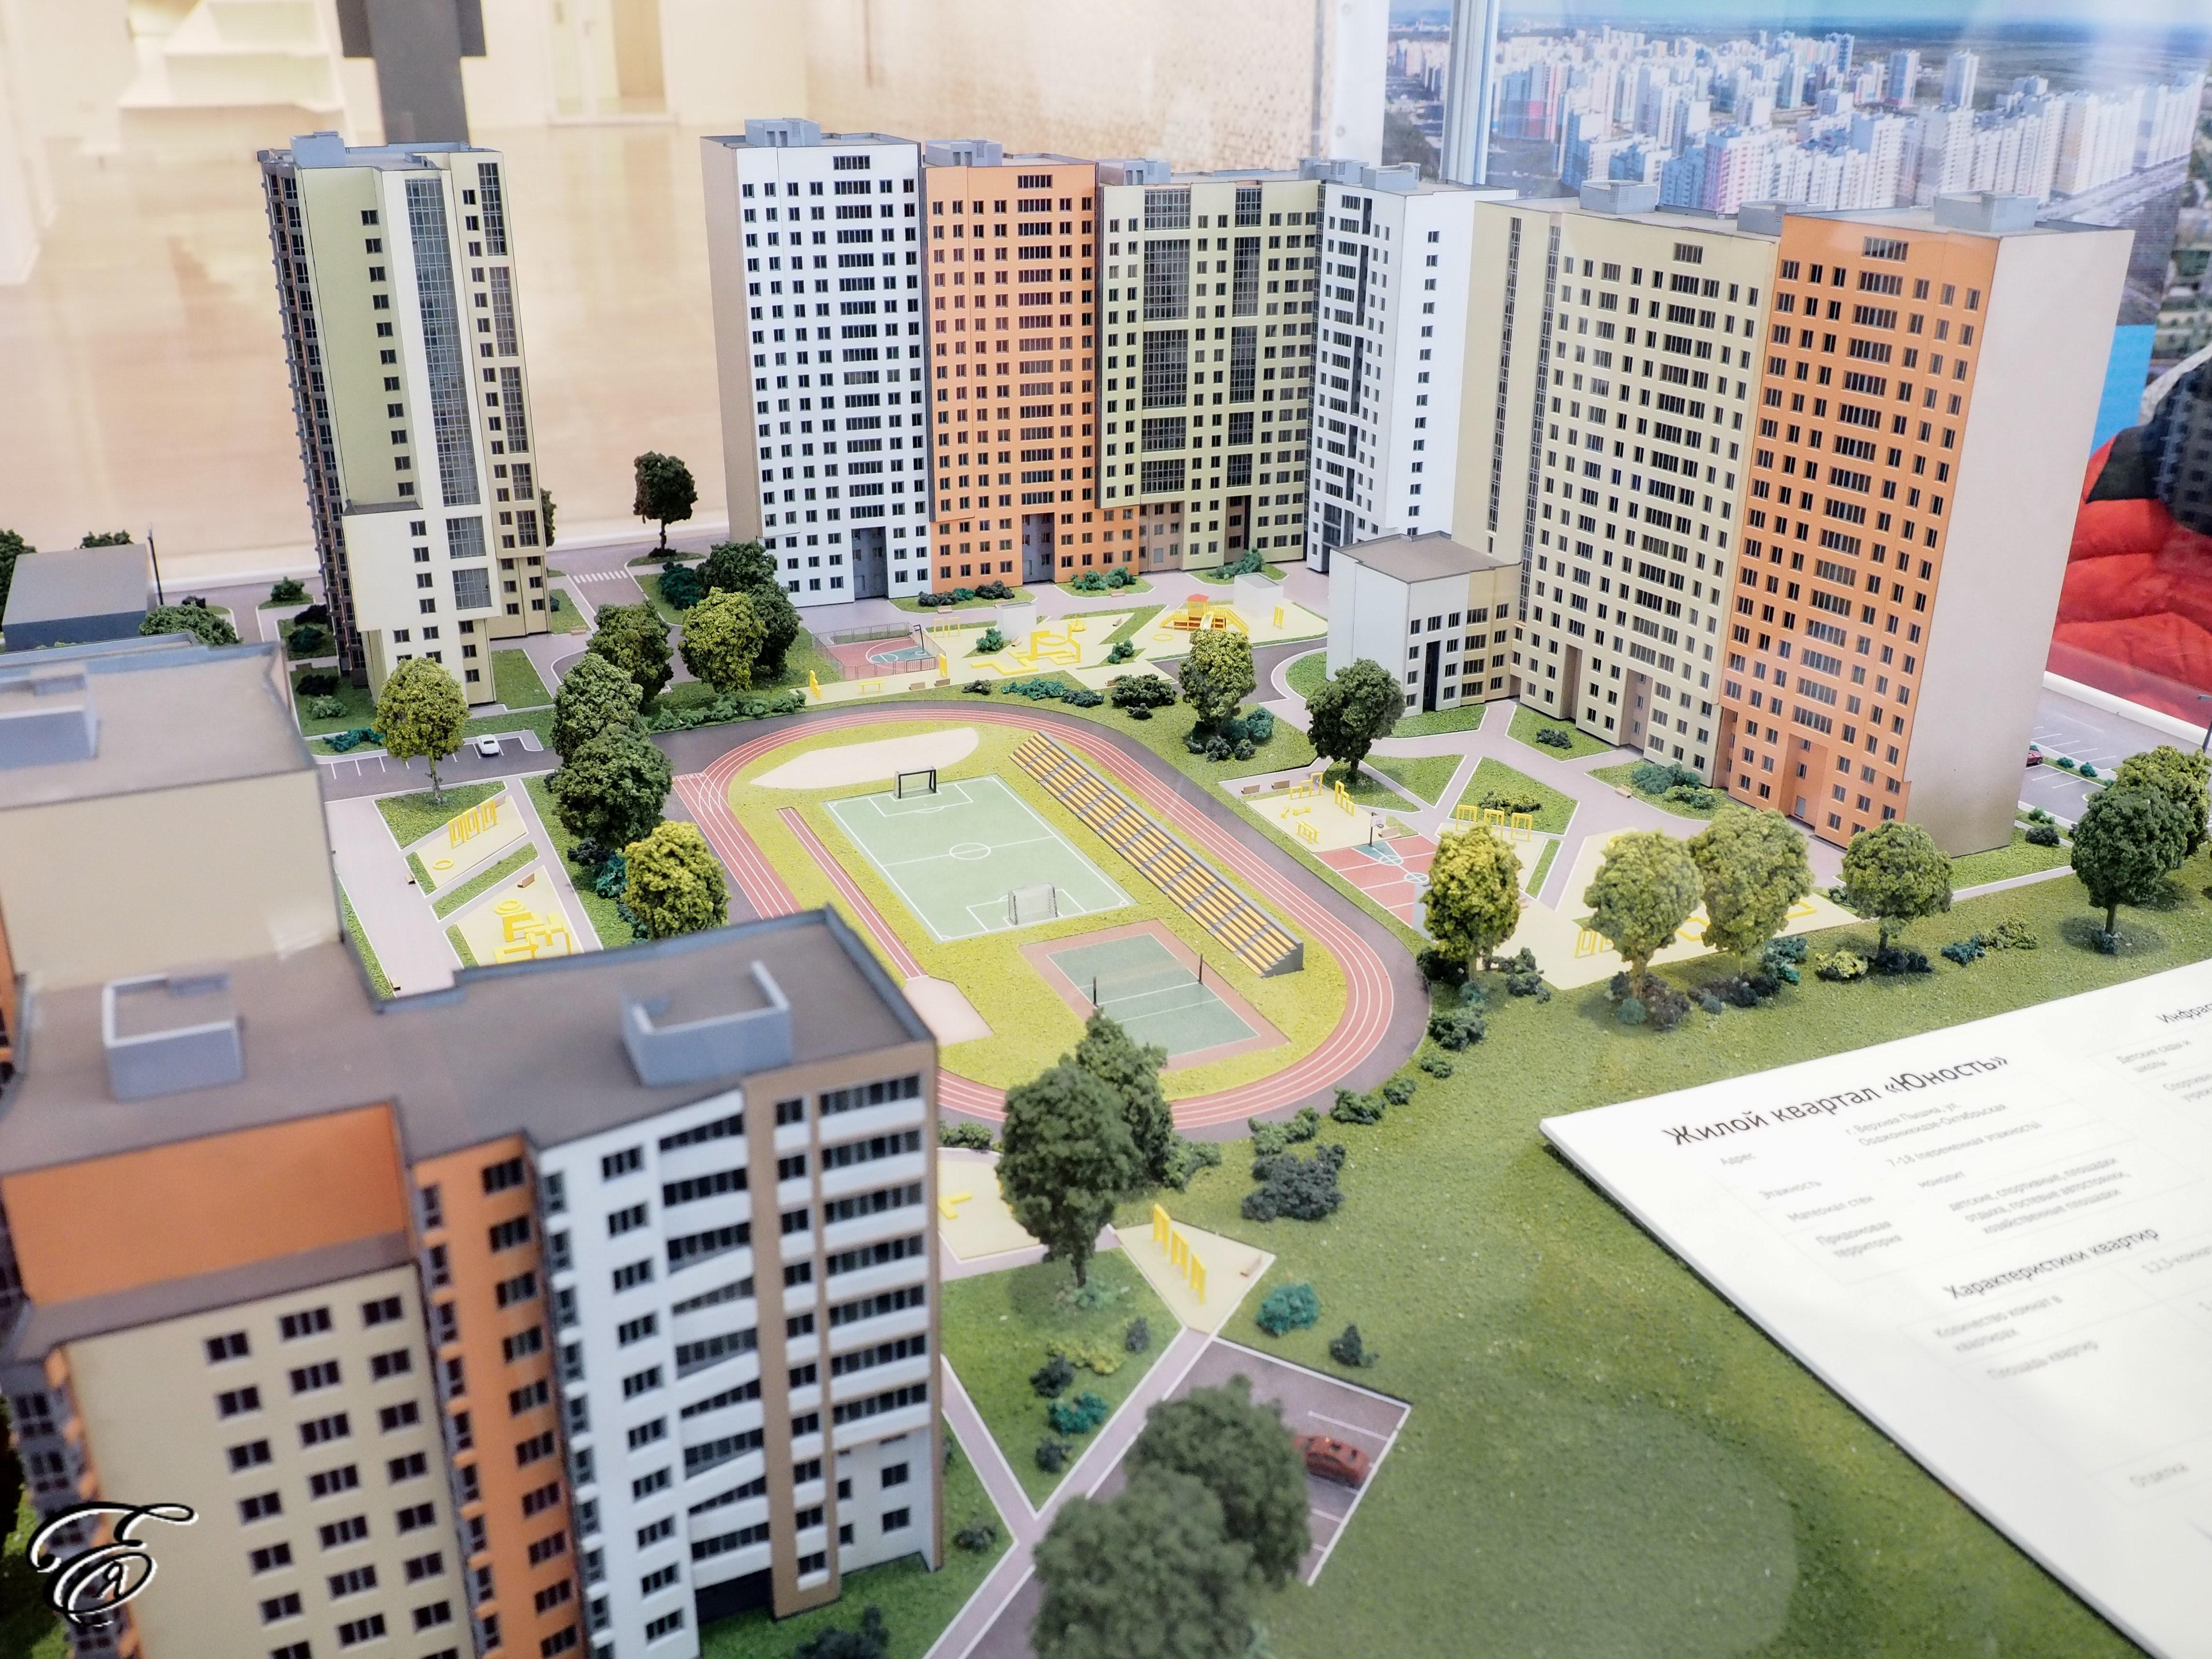 Свердловская область вышла на исторический максимум ипотечных выдач